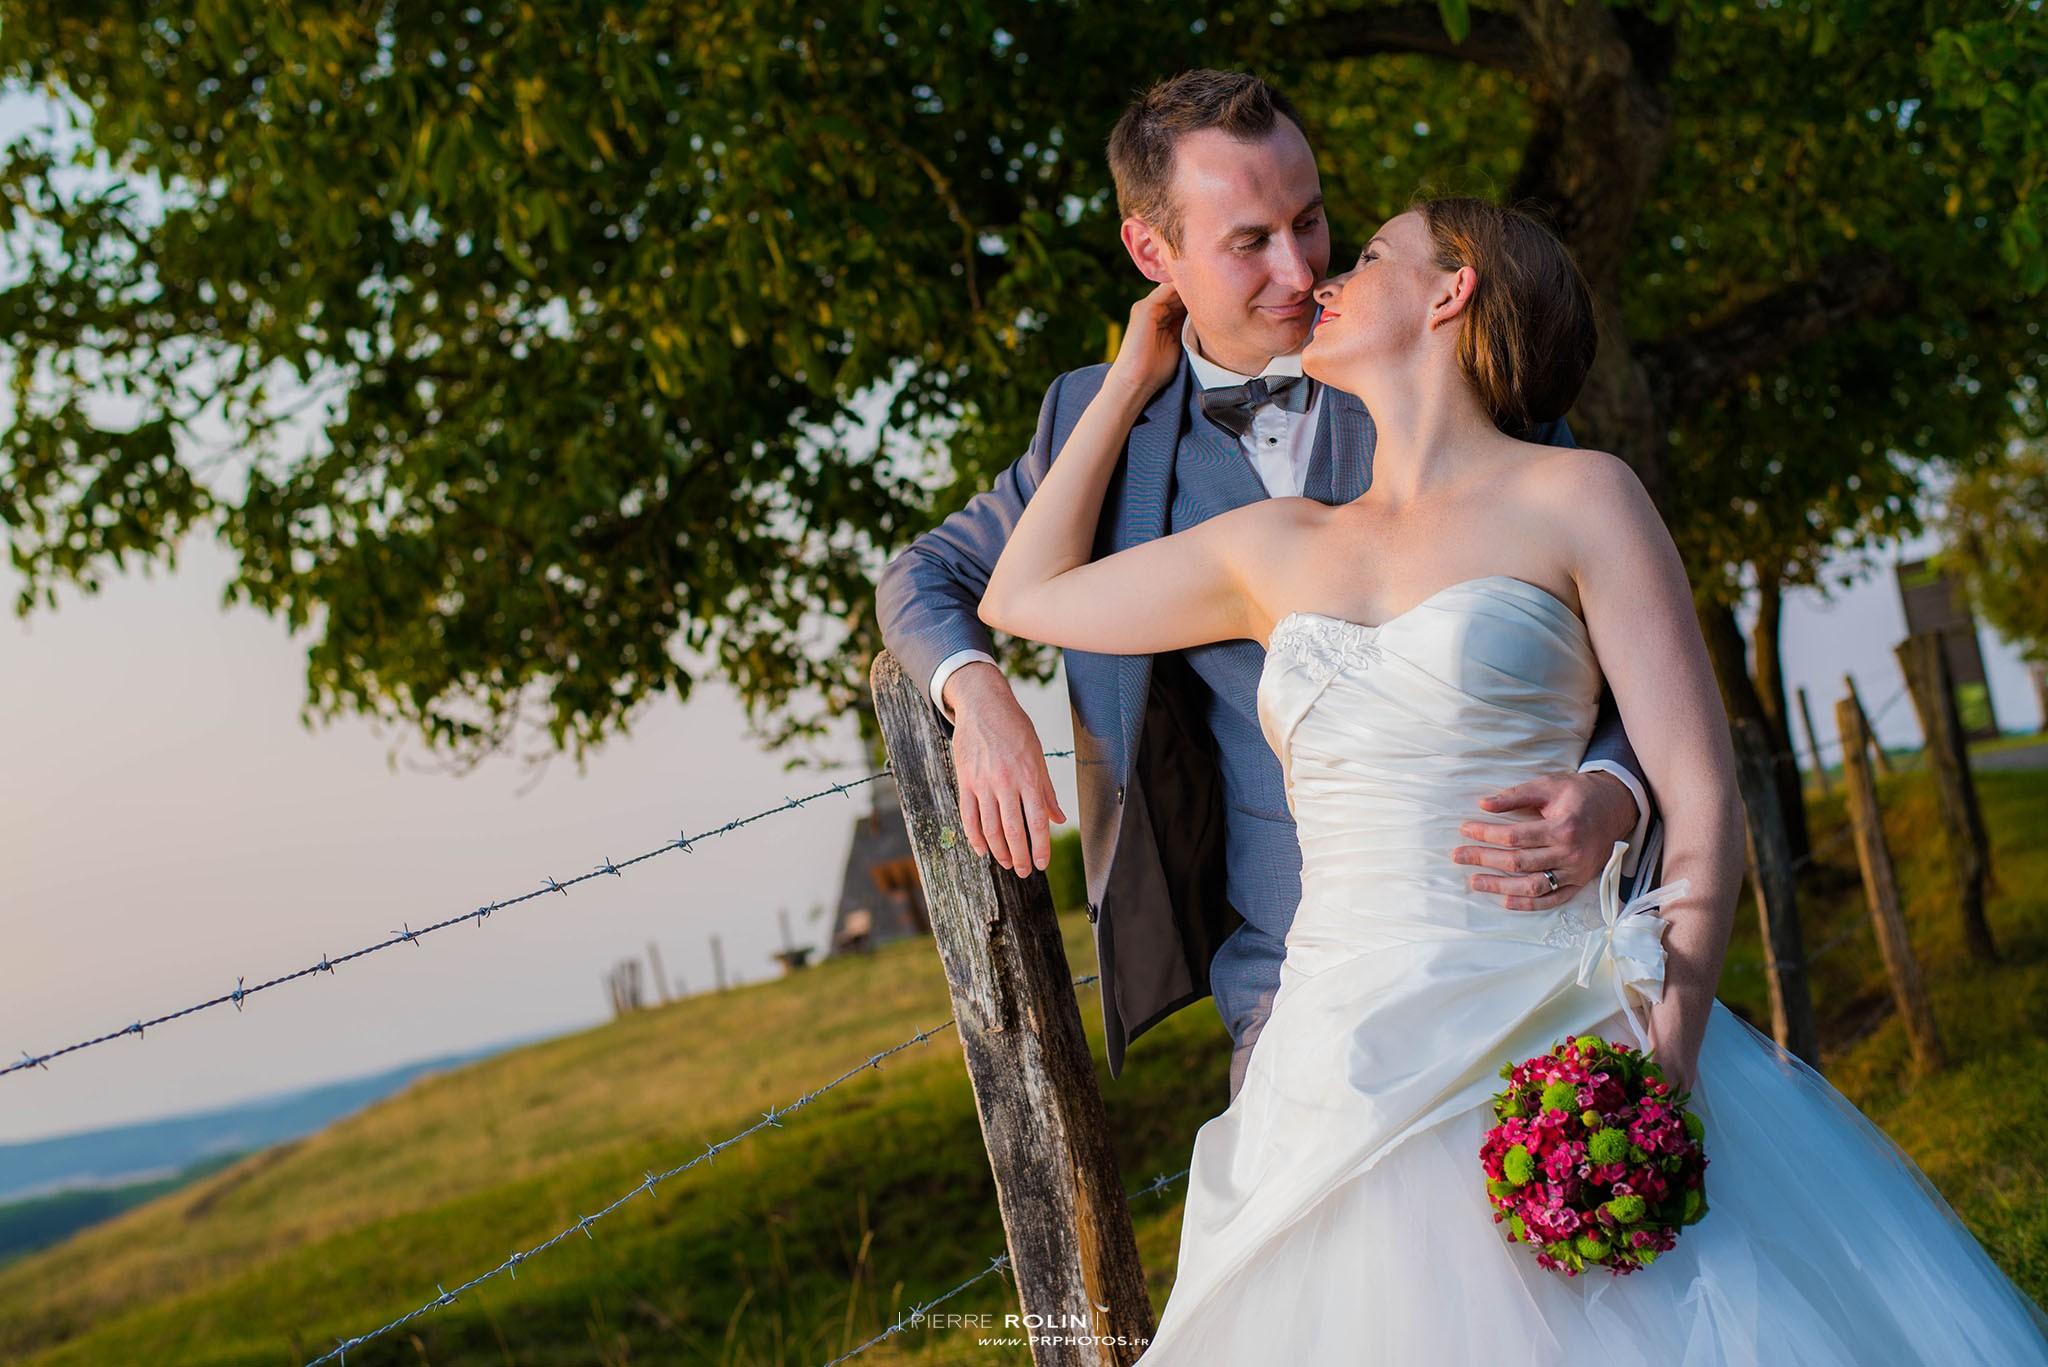 Mariage – Séance de couple au coucher de soleil